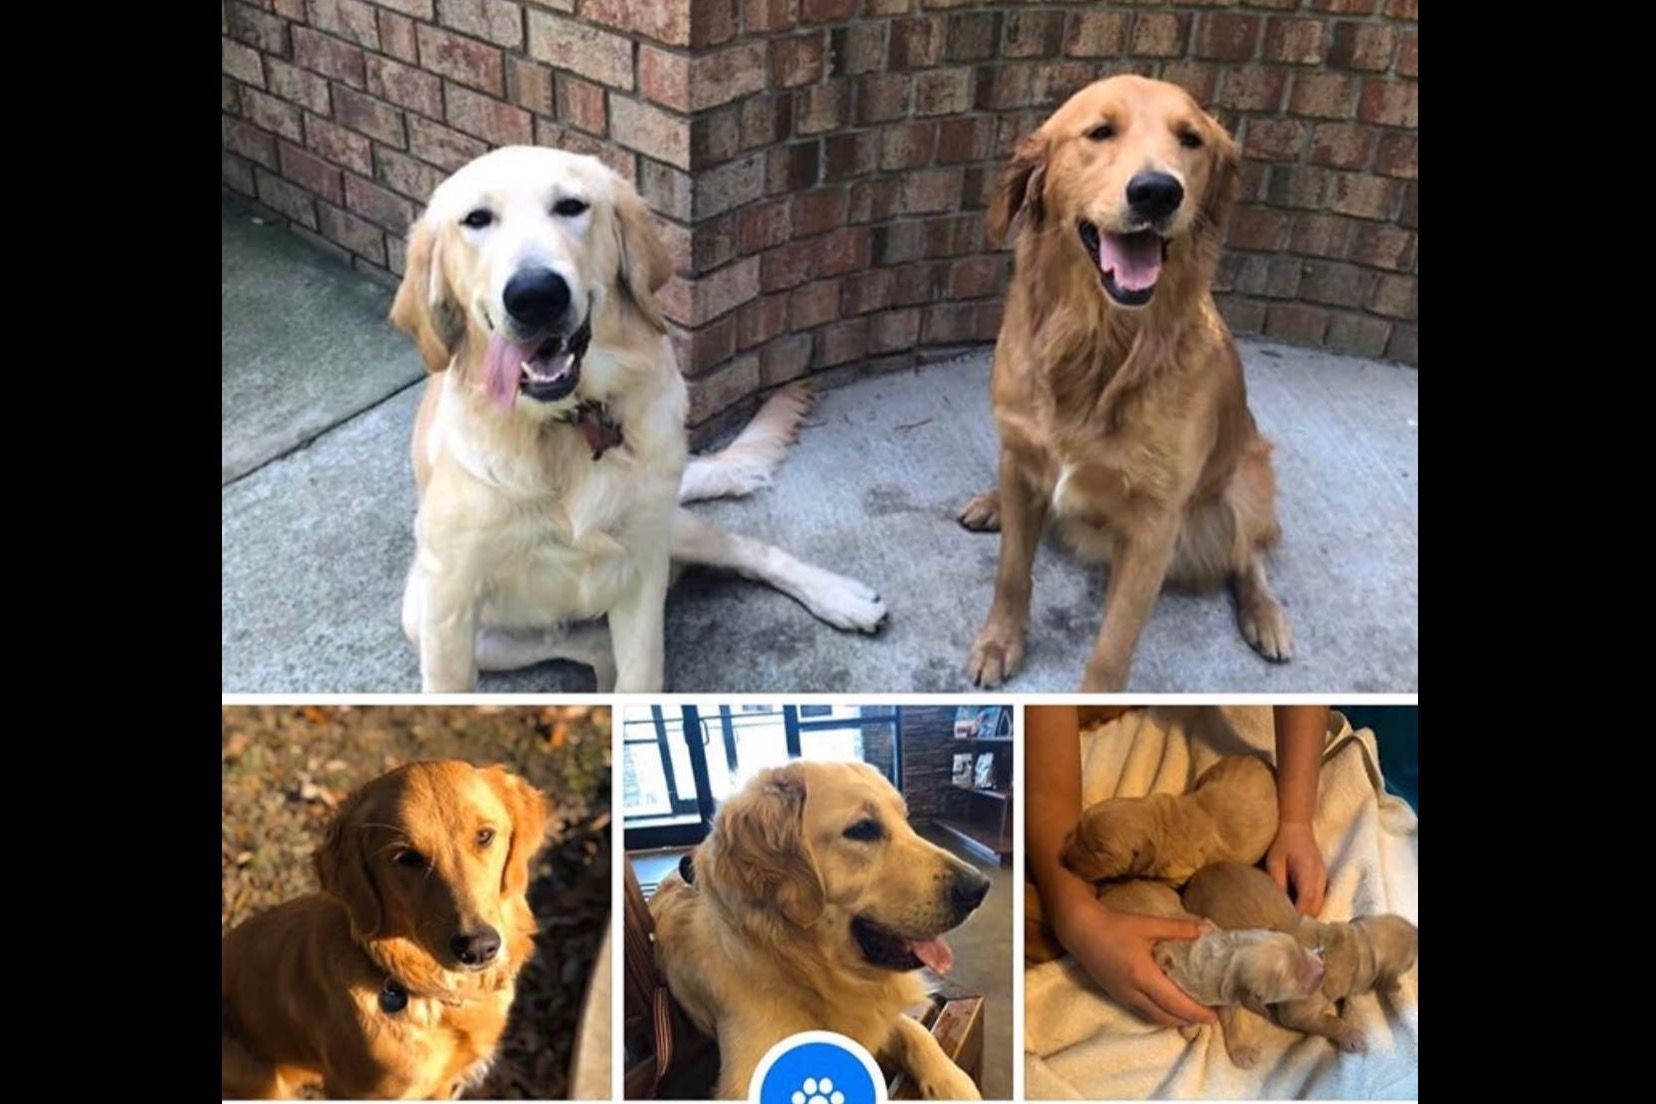 Bella's Puppies Has Golden Retriever Puppies For Sale In